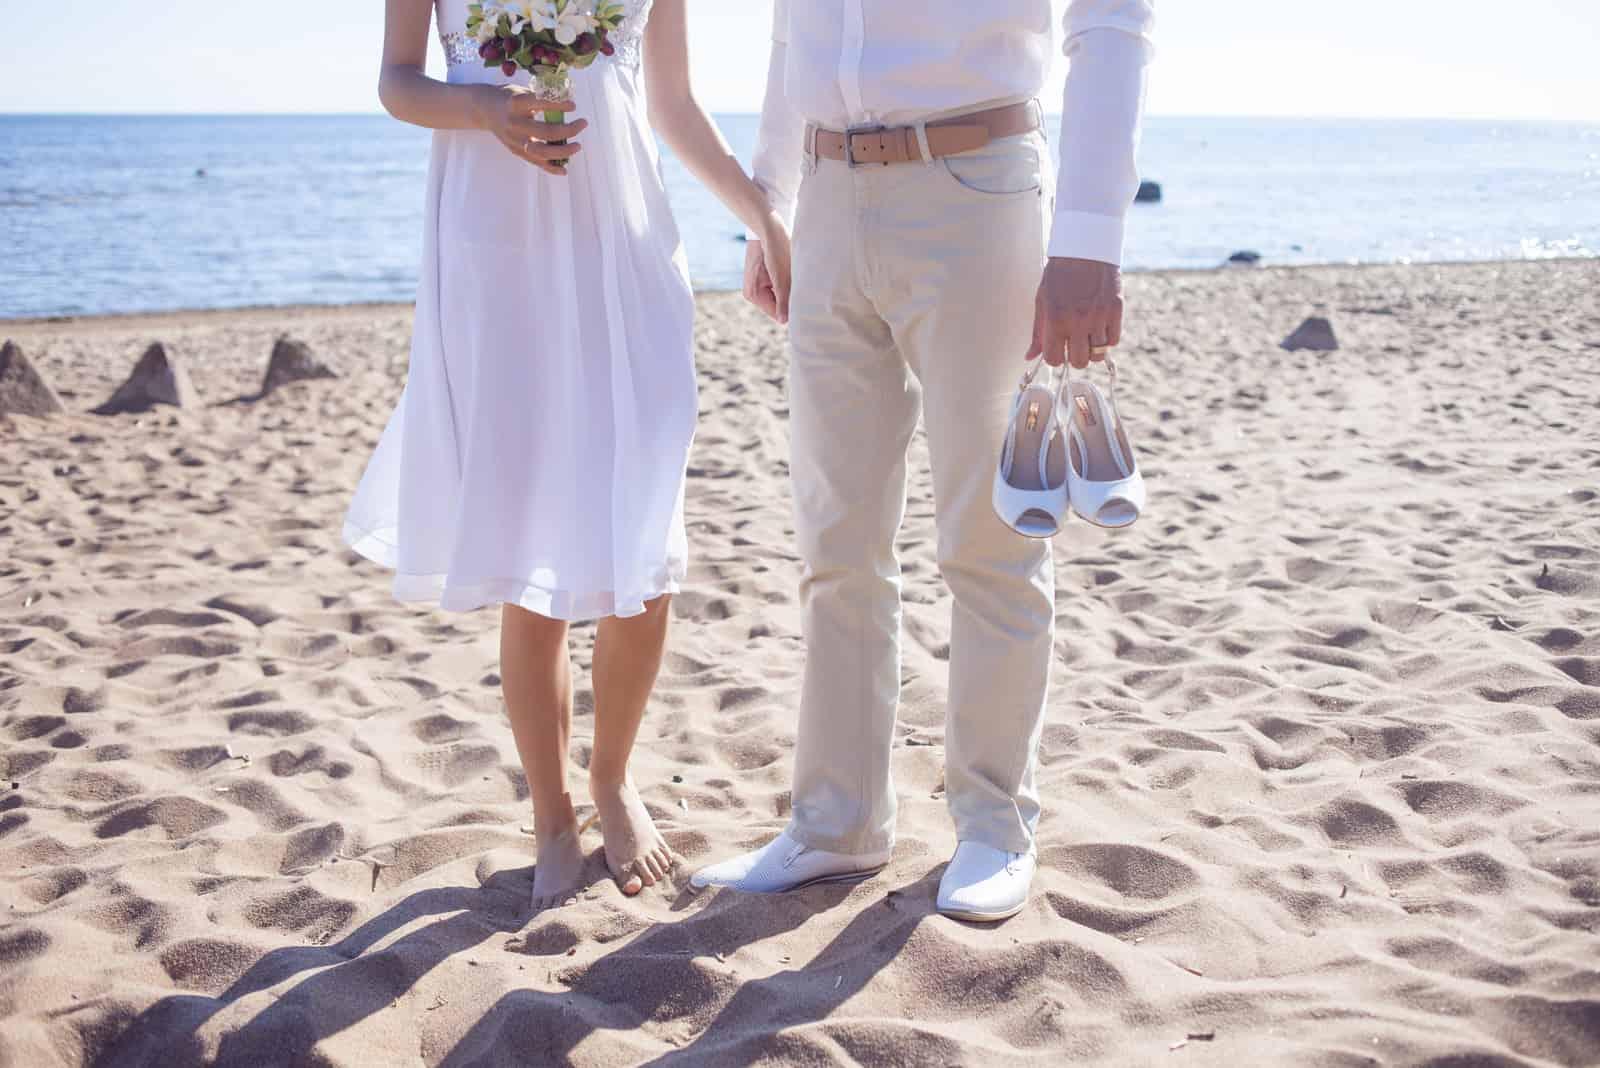 Frisch verheiratetes Paar am Sandstrand